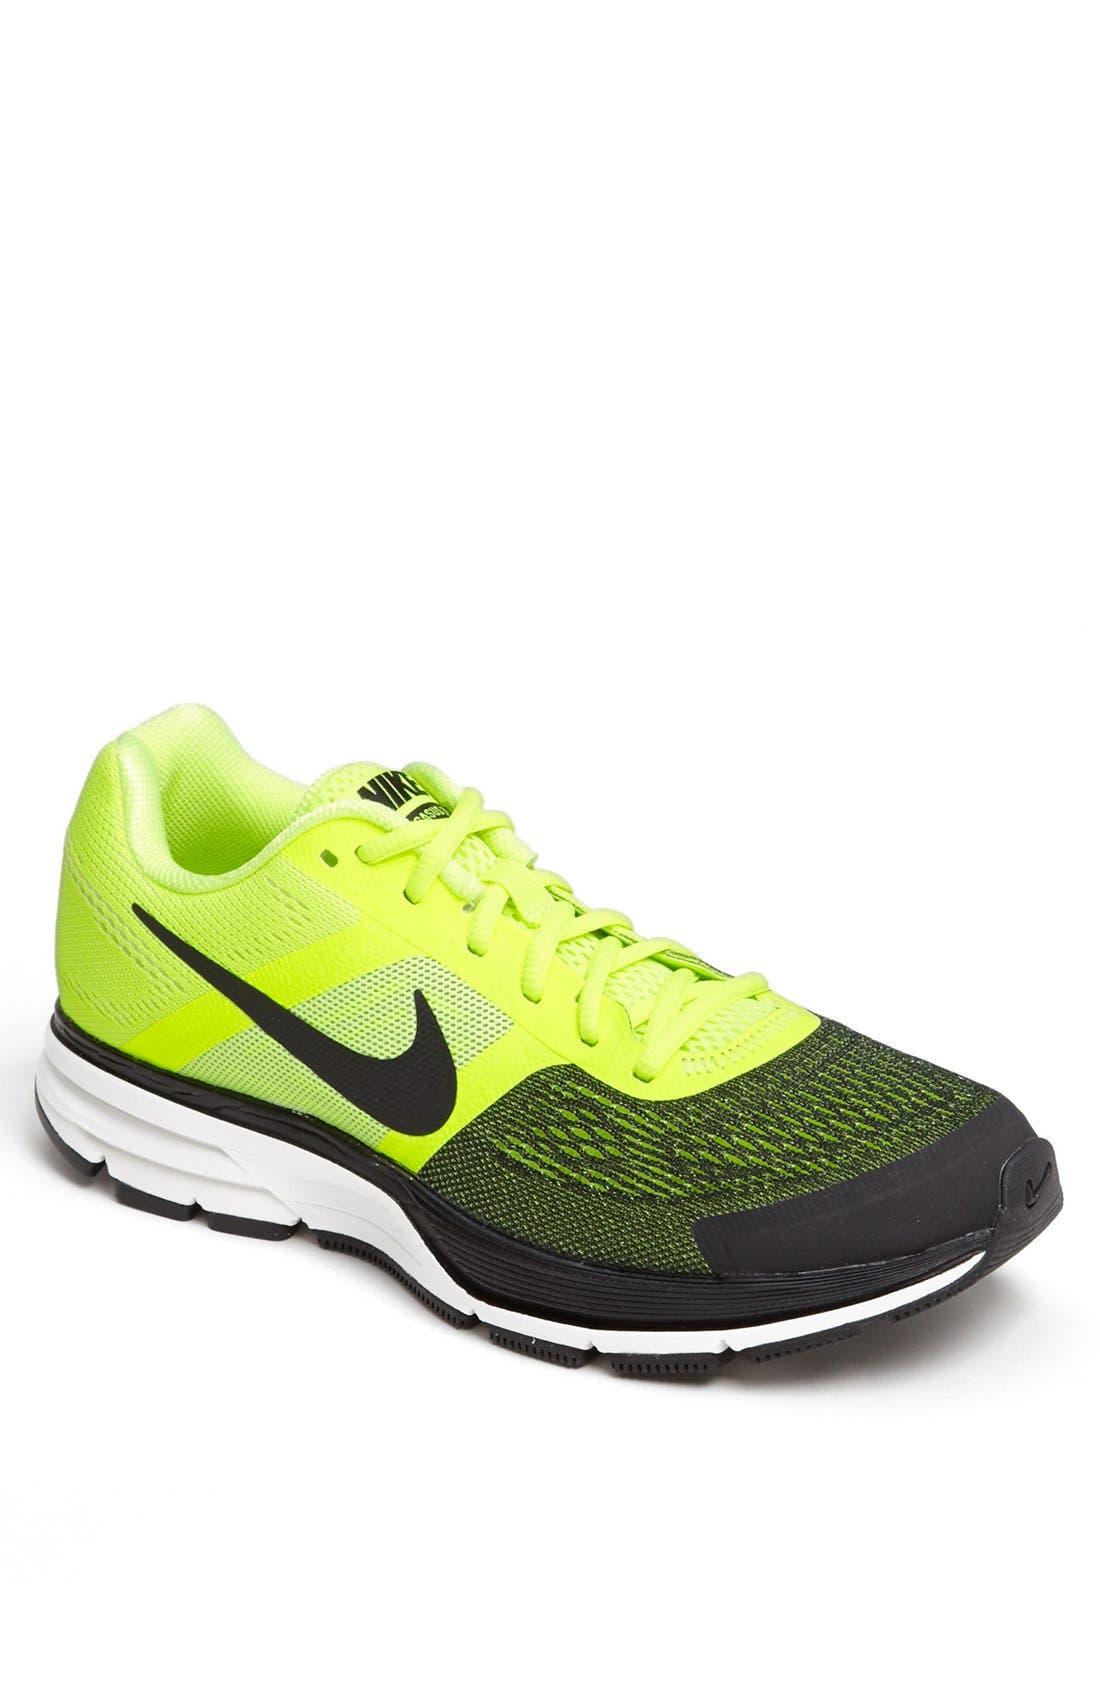 Alternate Image 1 Selected - Nike 'Air Pegasus+ 30' Running Shoe (Men)